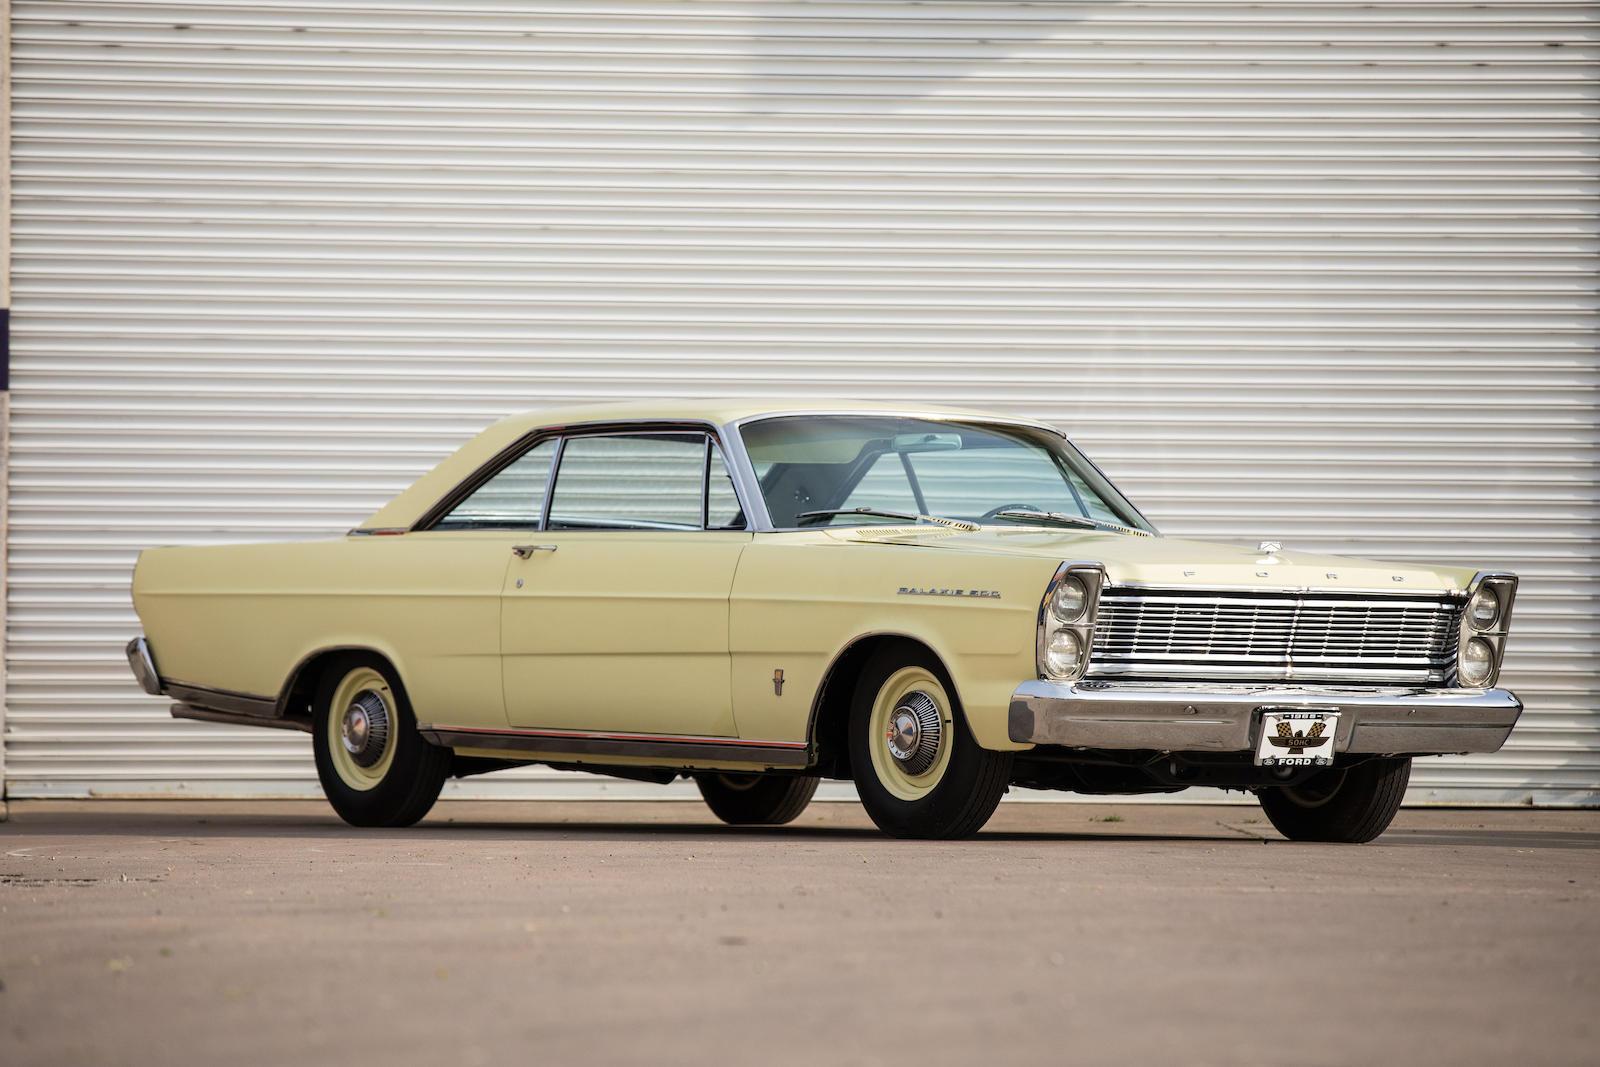 1965 Ford Galaxie 500 M-Code